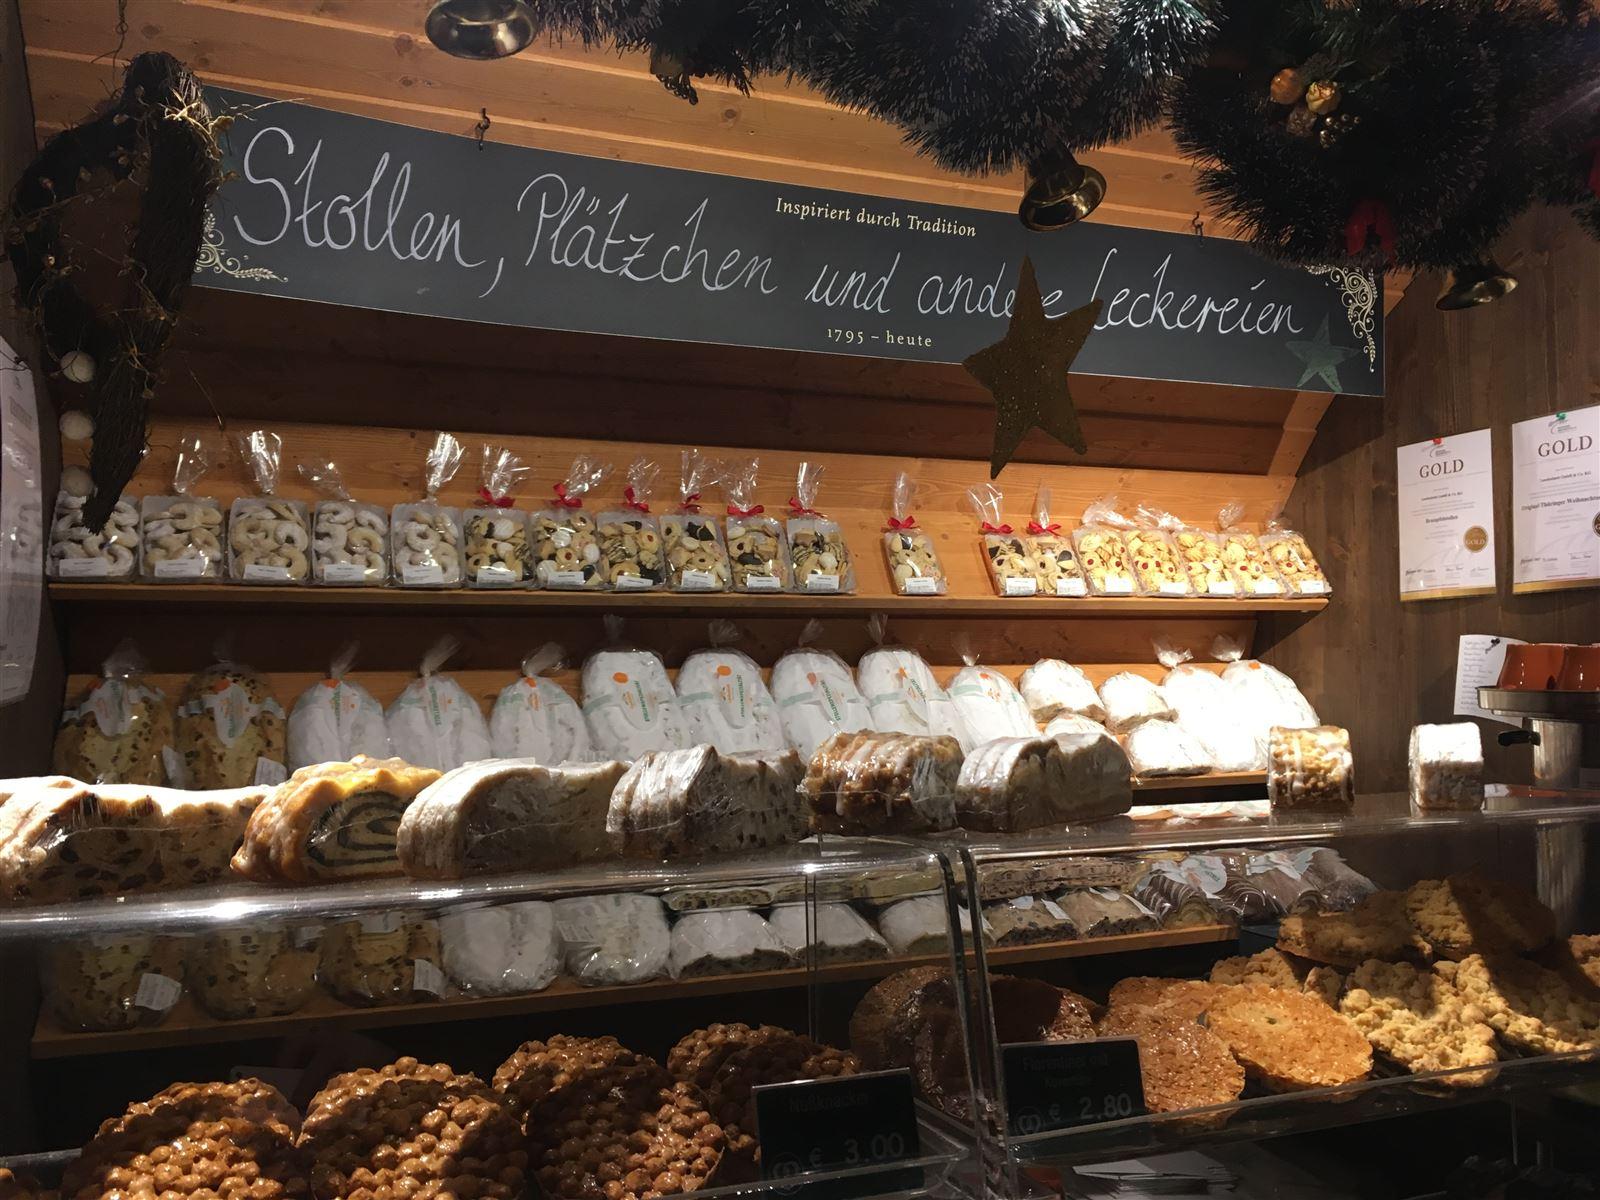 Angebot auf dem Weihnachtsmarkt Gera